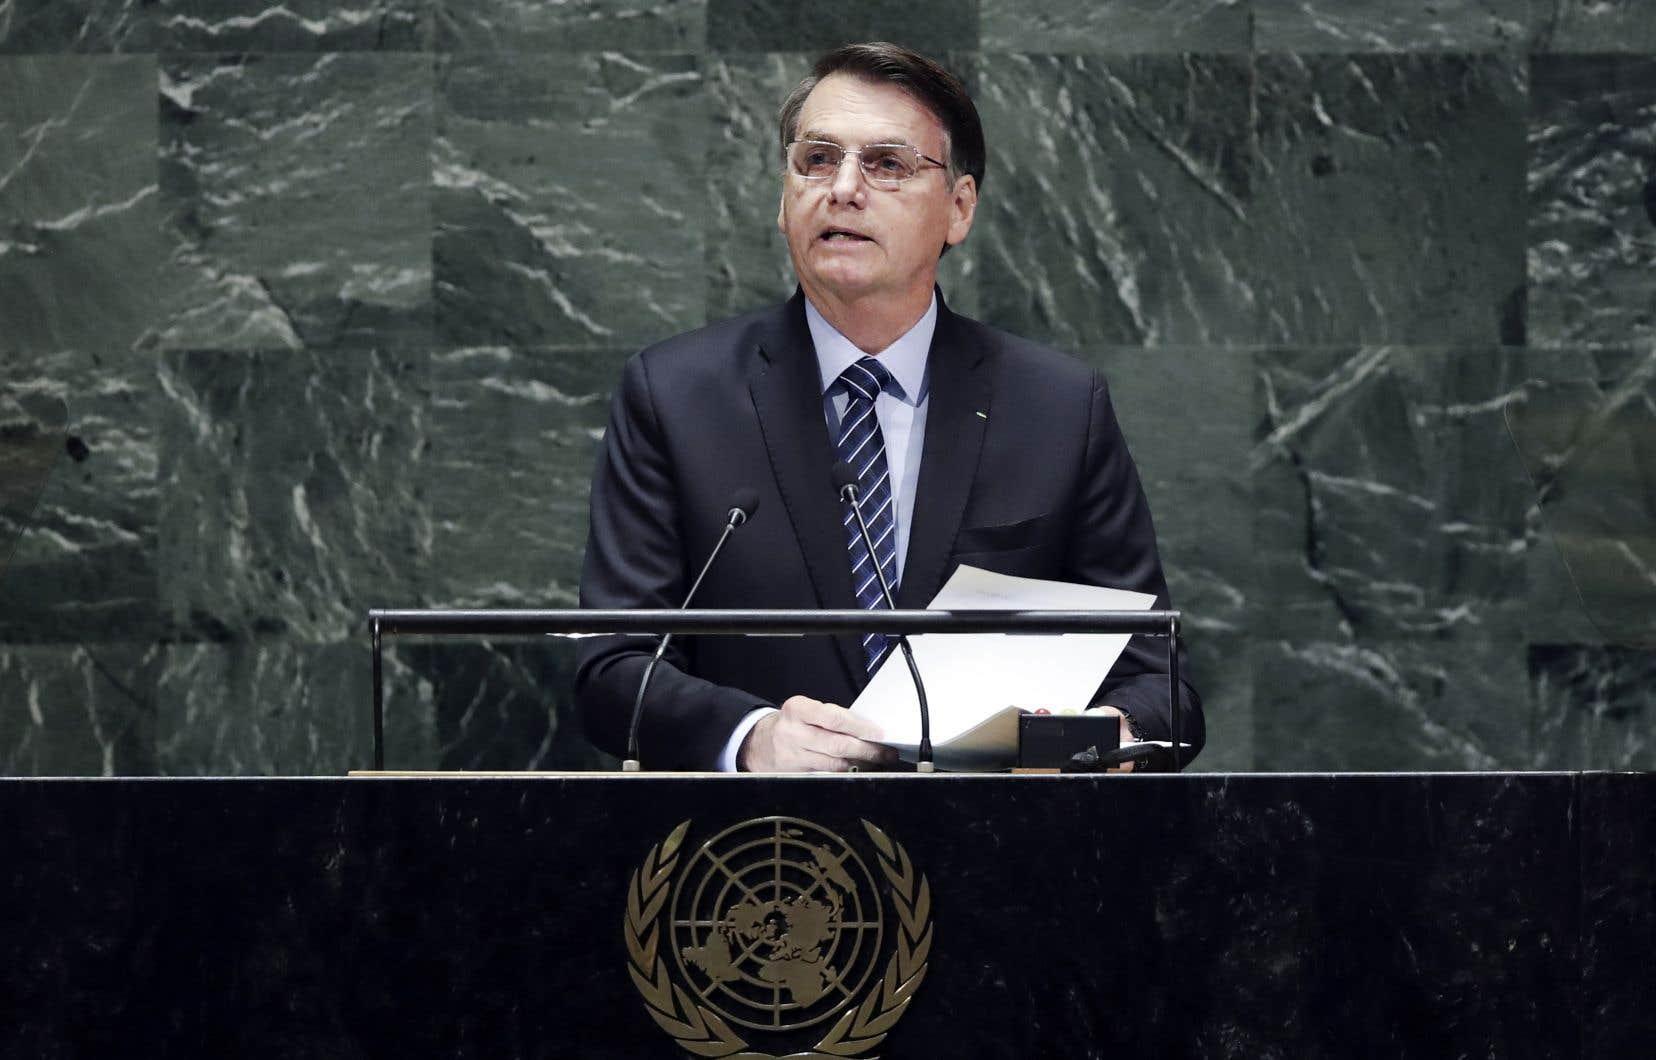 Jair Bolsonaro a rejeté avec fracas toute idée d'intervention internationale en Amazonie.